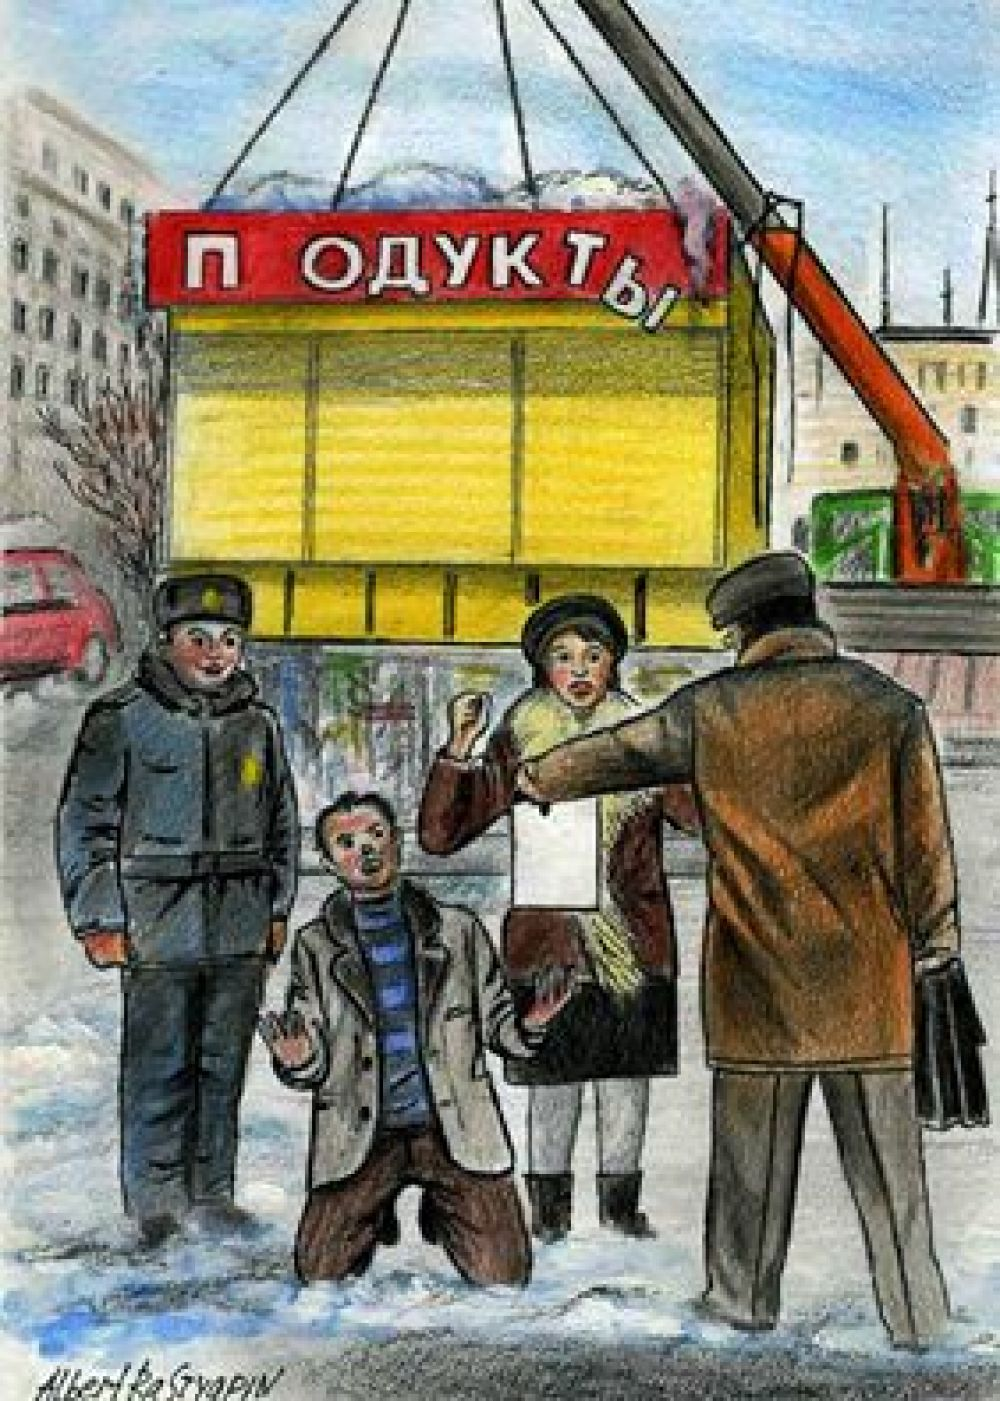 Мэрия Челябинска продолжает сносить незаконные торговые павильоны. Предприниматели заявляют, что некоторые уничтоженные киоски работали легально.